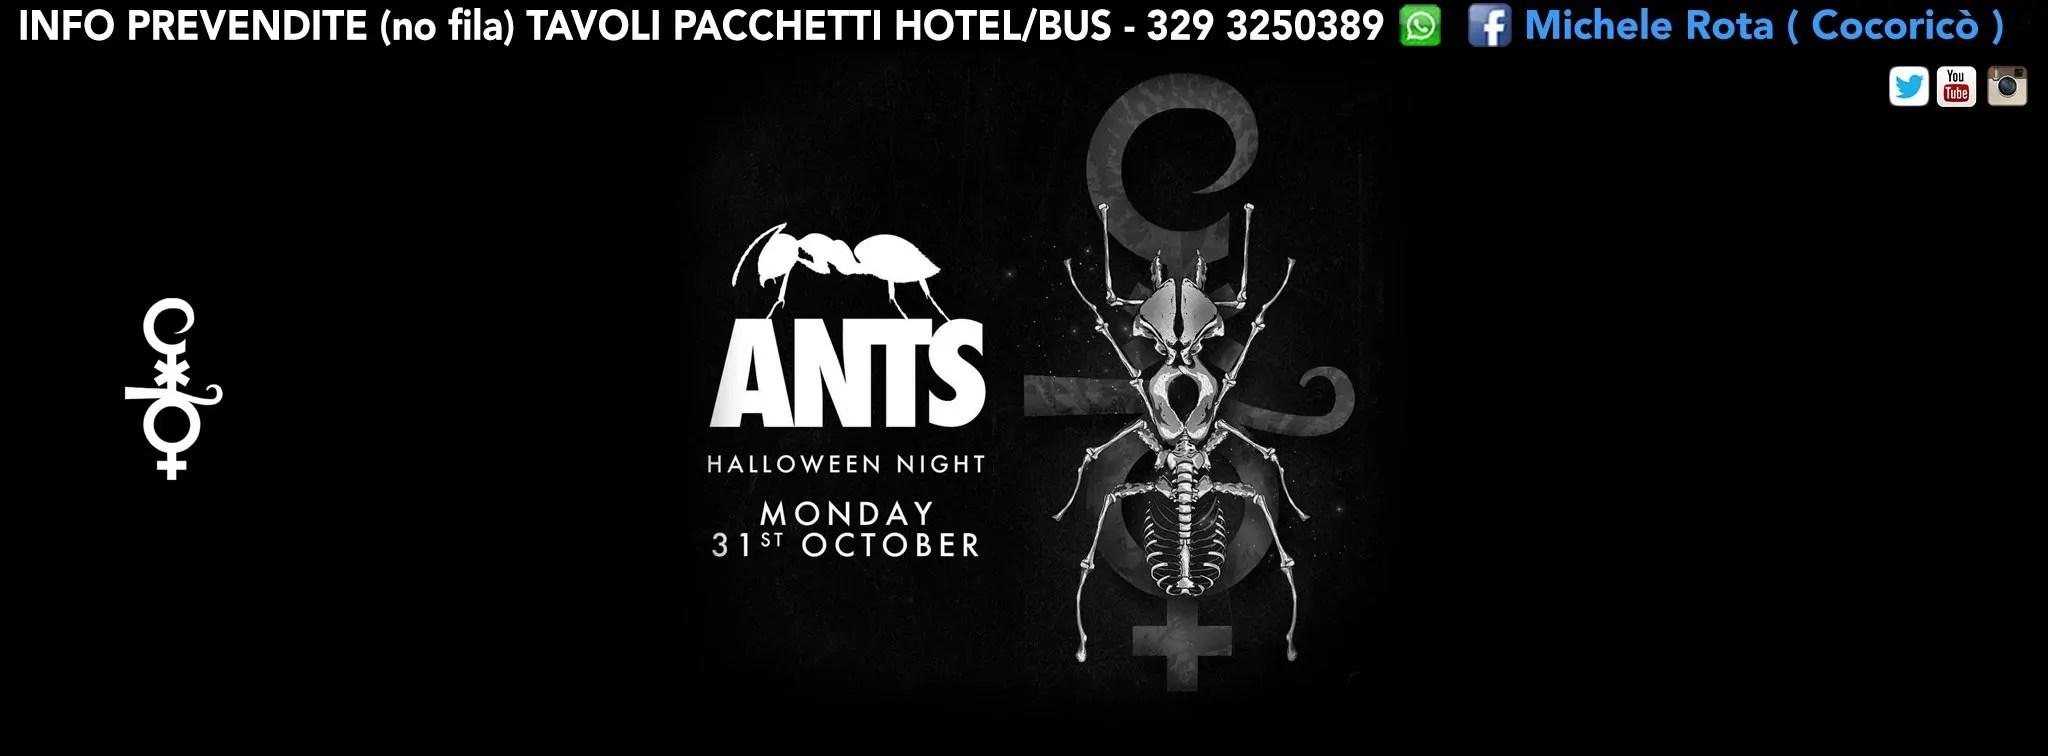 LUNEDì 31 OTTOBRE 2016 PARTY ANTS HALLOWEEN COCORICO PREZZI PREVENDITE BIGLIETTI TAVOLI HOTEL + PULLMAN